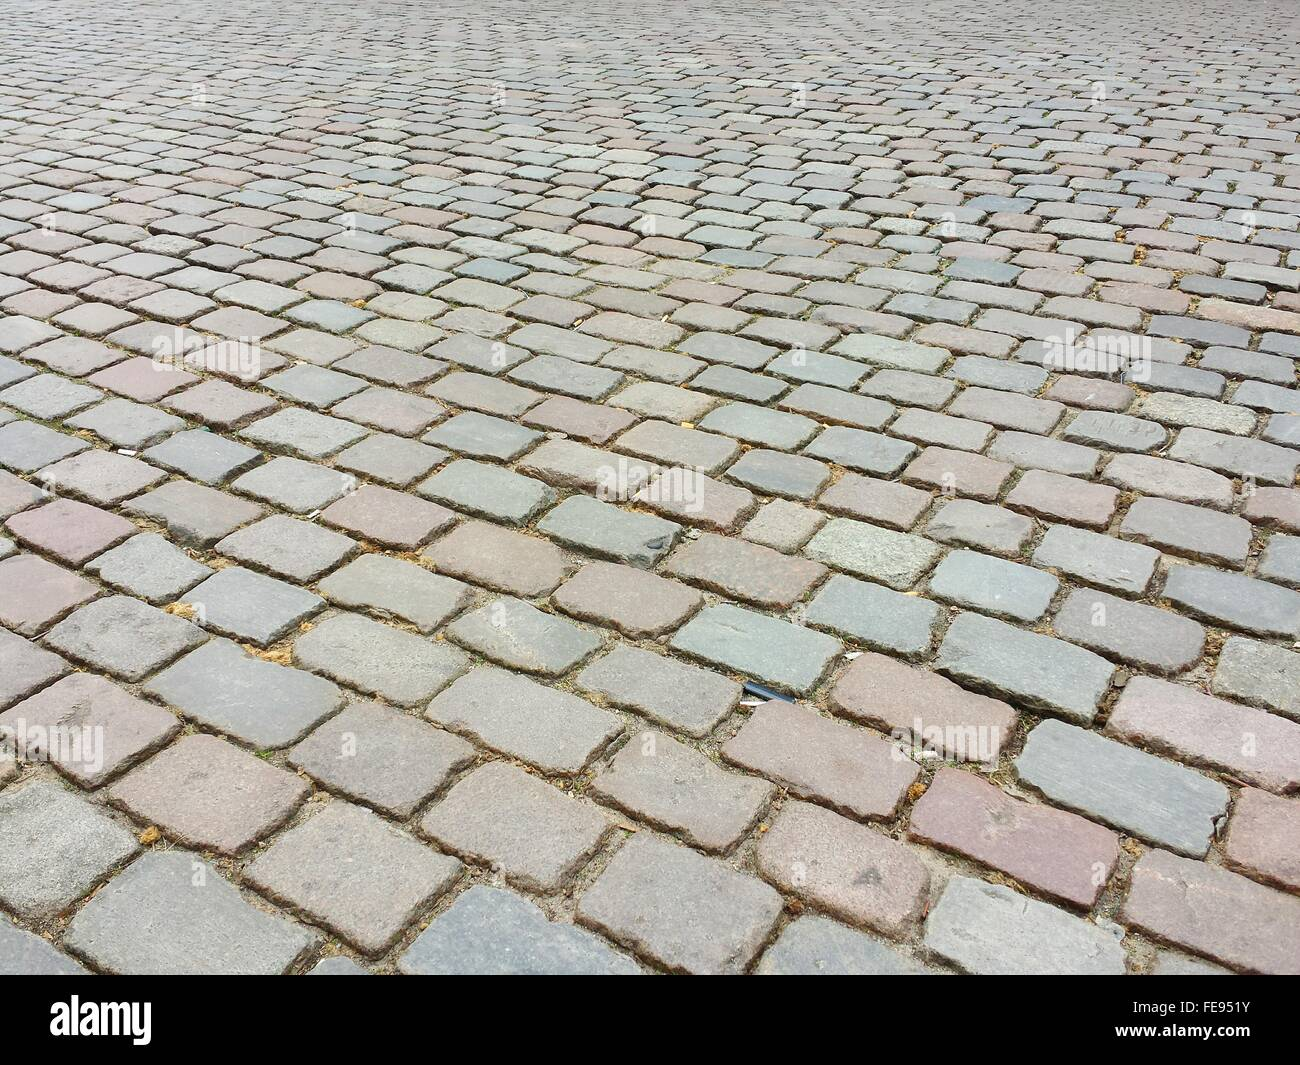 Full Frame Shot Of Cobblestone - Stock Image